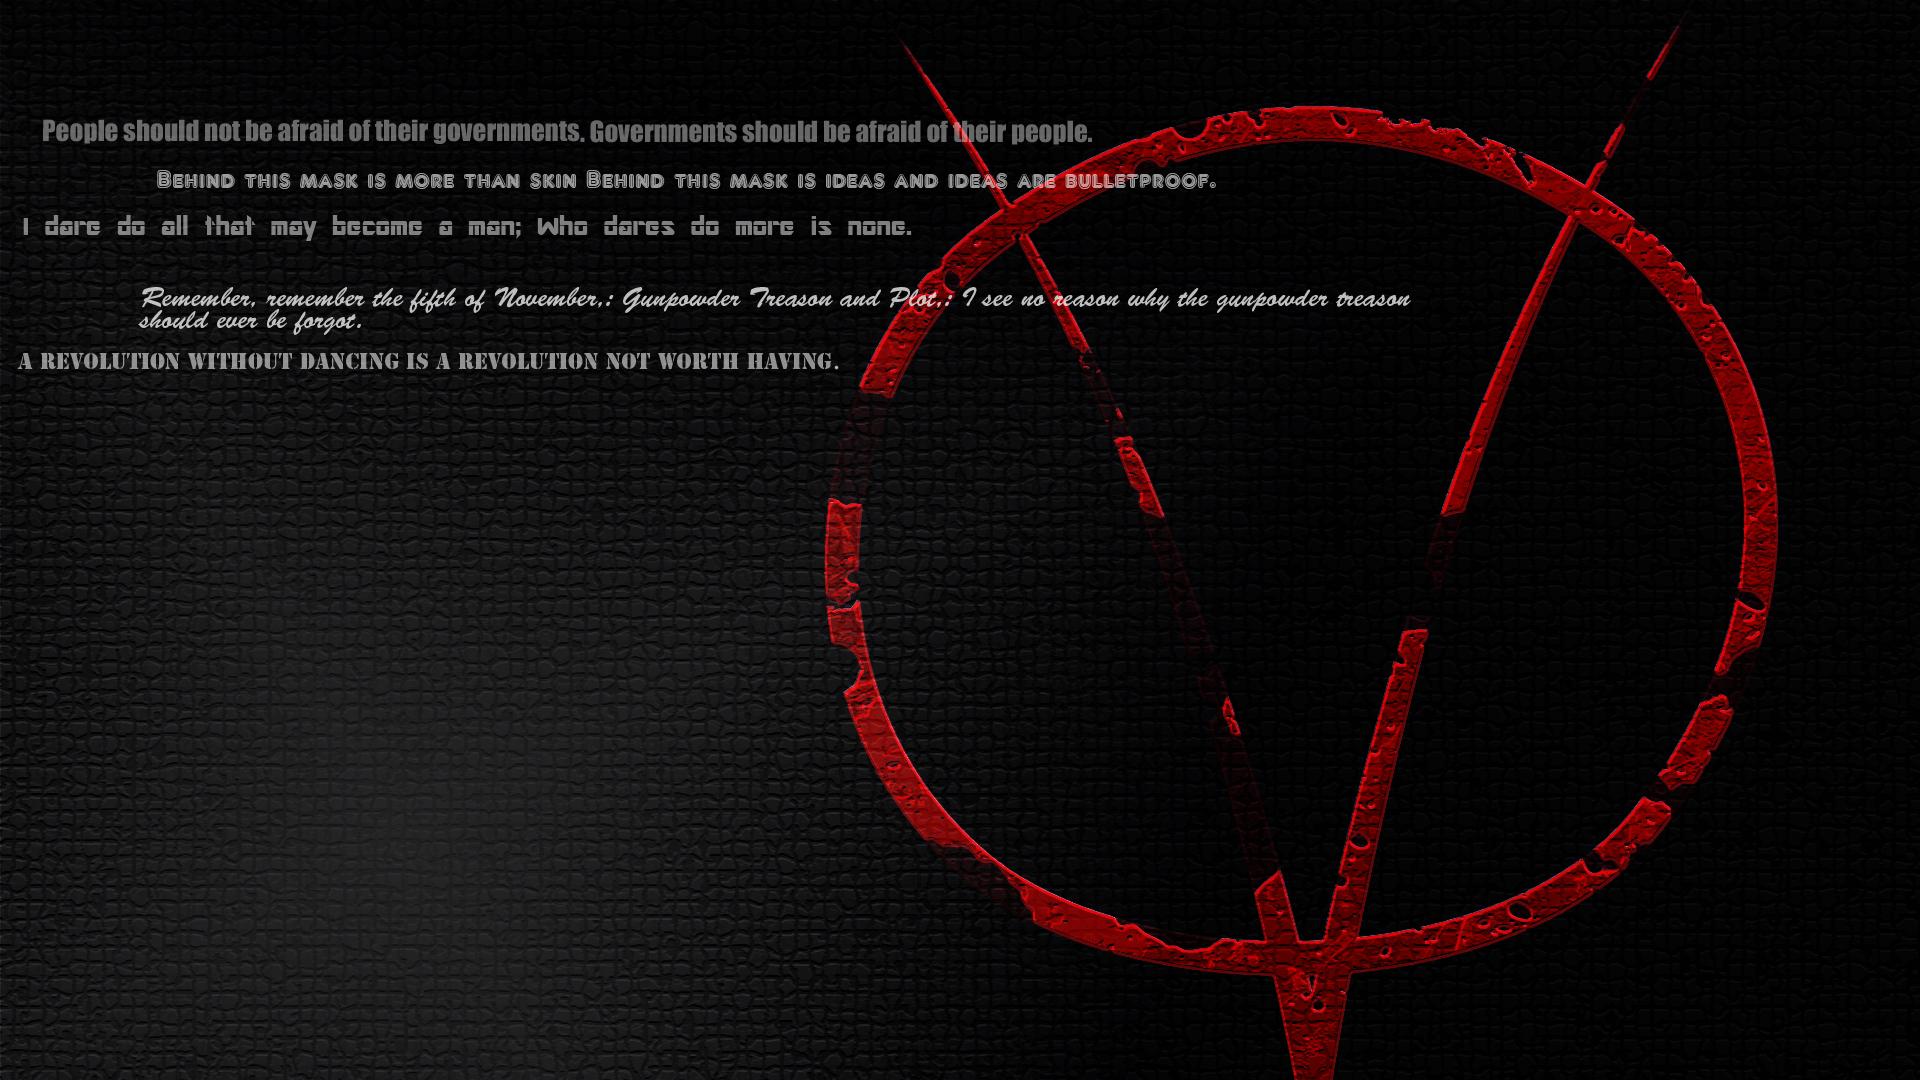 New V for Vendetta background V for Vendetta wallpapers 1920x1080